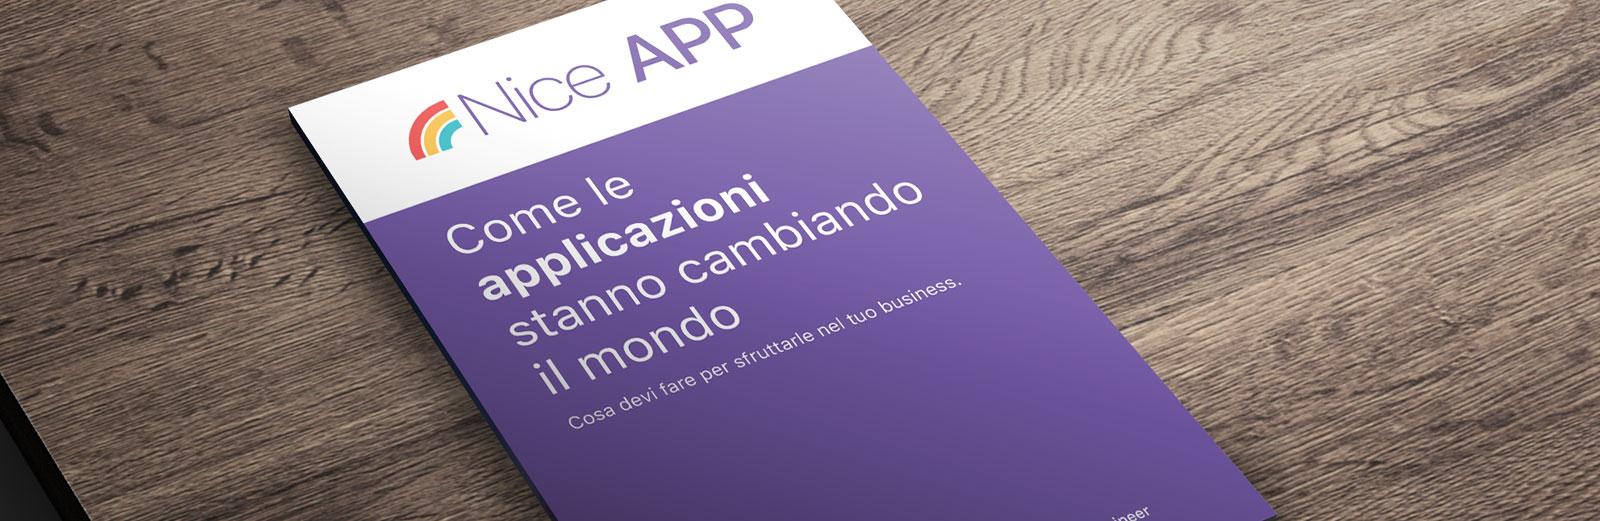 Vuoi creare un'applicazione? Devi leggere questo libro